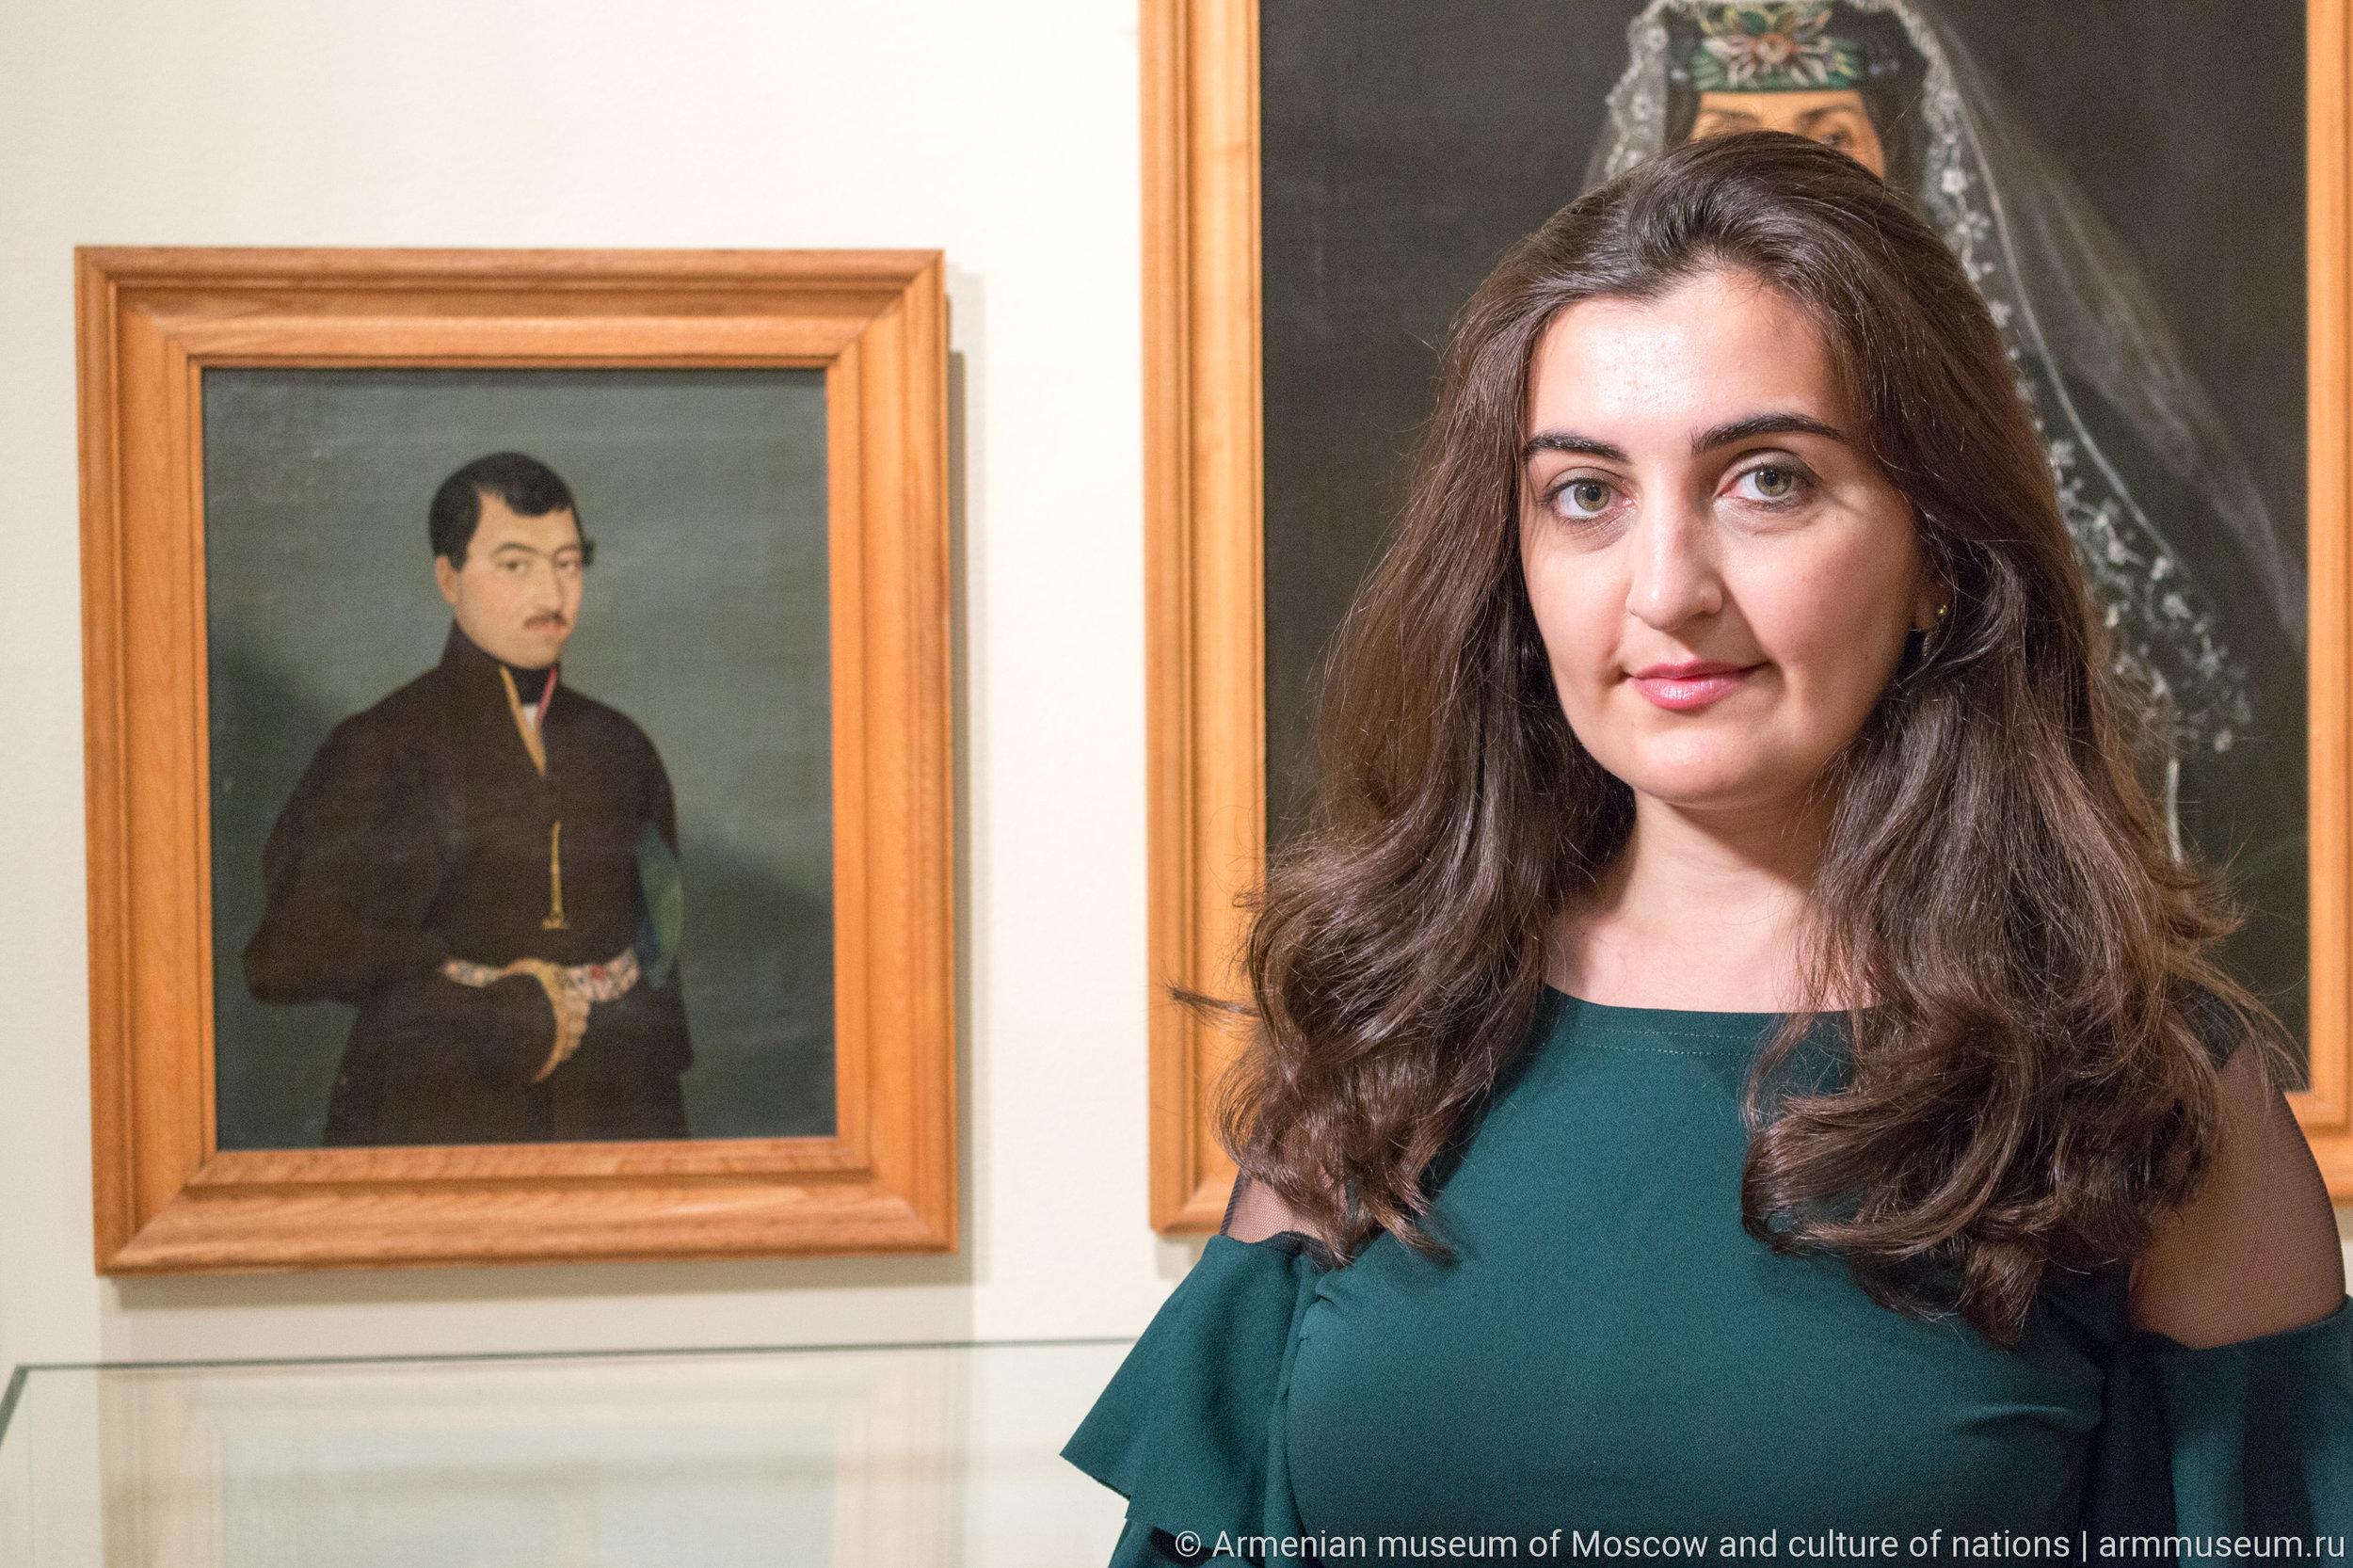 Художники Овнатаняны - большая династия. Один из них даже расписывал Кафедральный собор в Эчмиадзине. В коллекции Музея Востока - несколько заказных портретов.